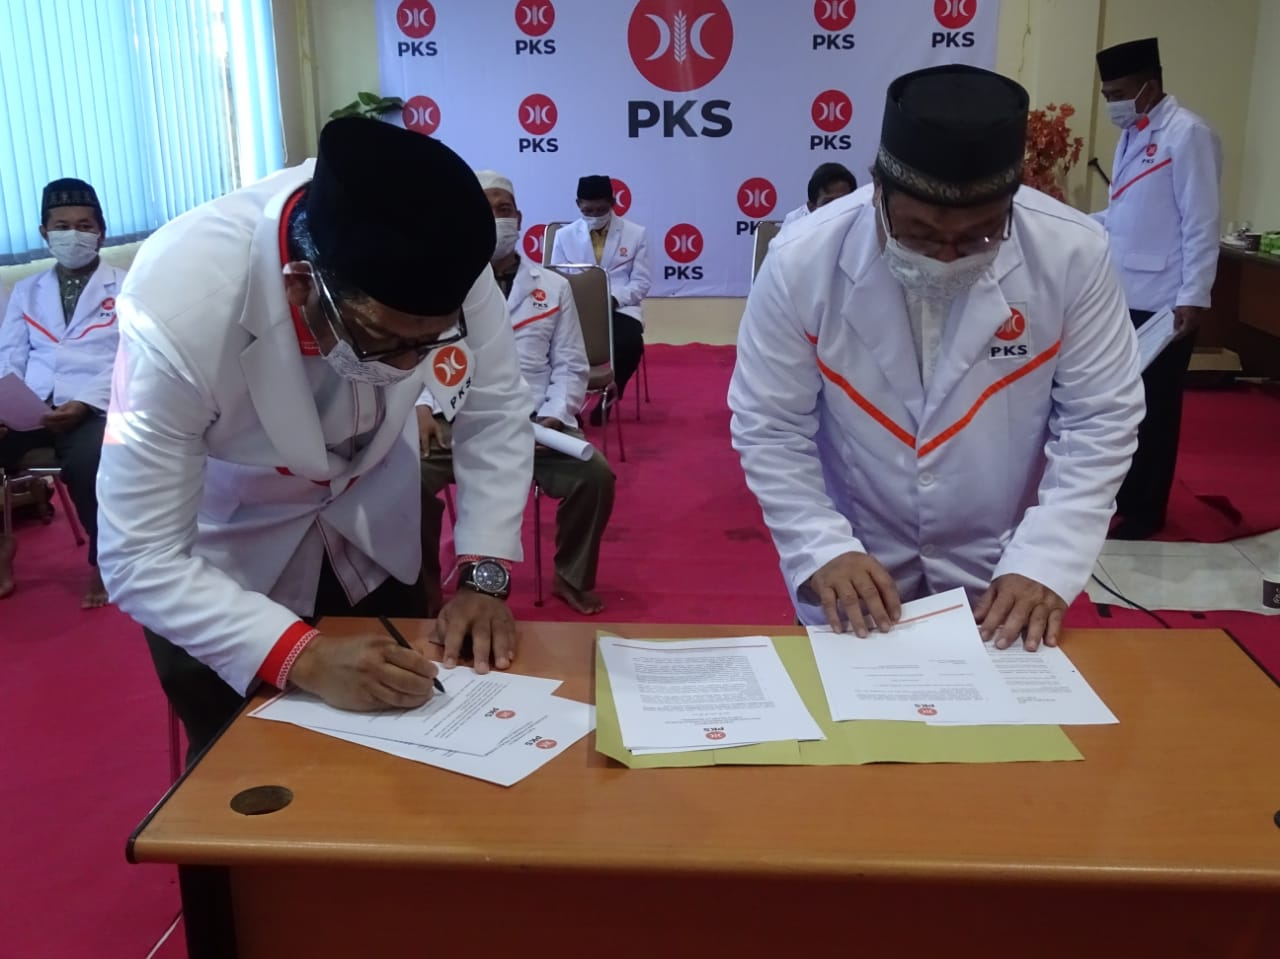 Pengurus DPD Partai Keadilan Sejahtera (PKS) saat menandatangani surat kepemilikan ketua baru periode 2020-2025.